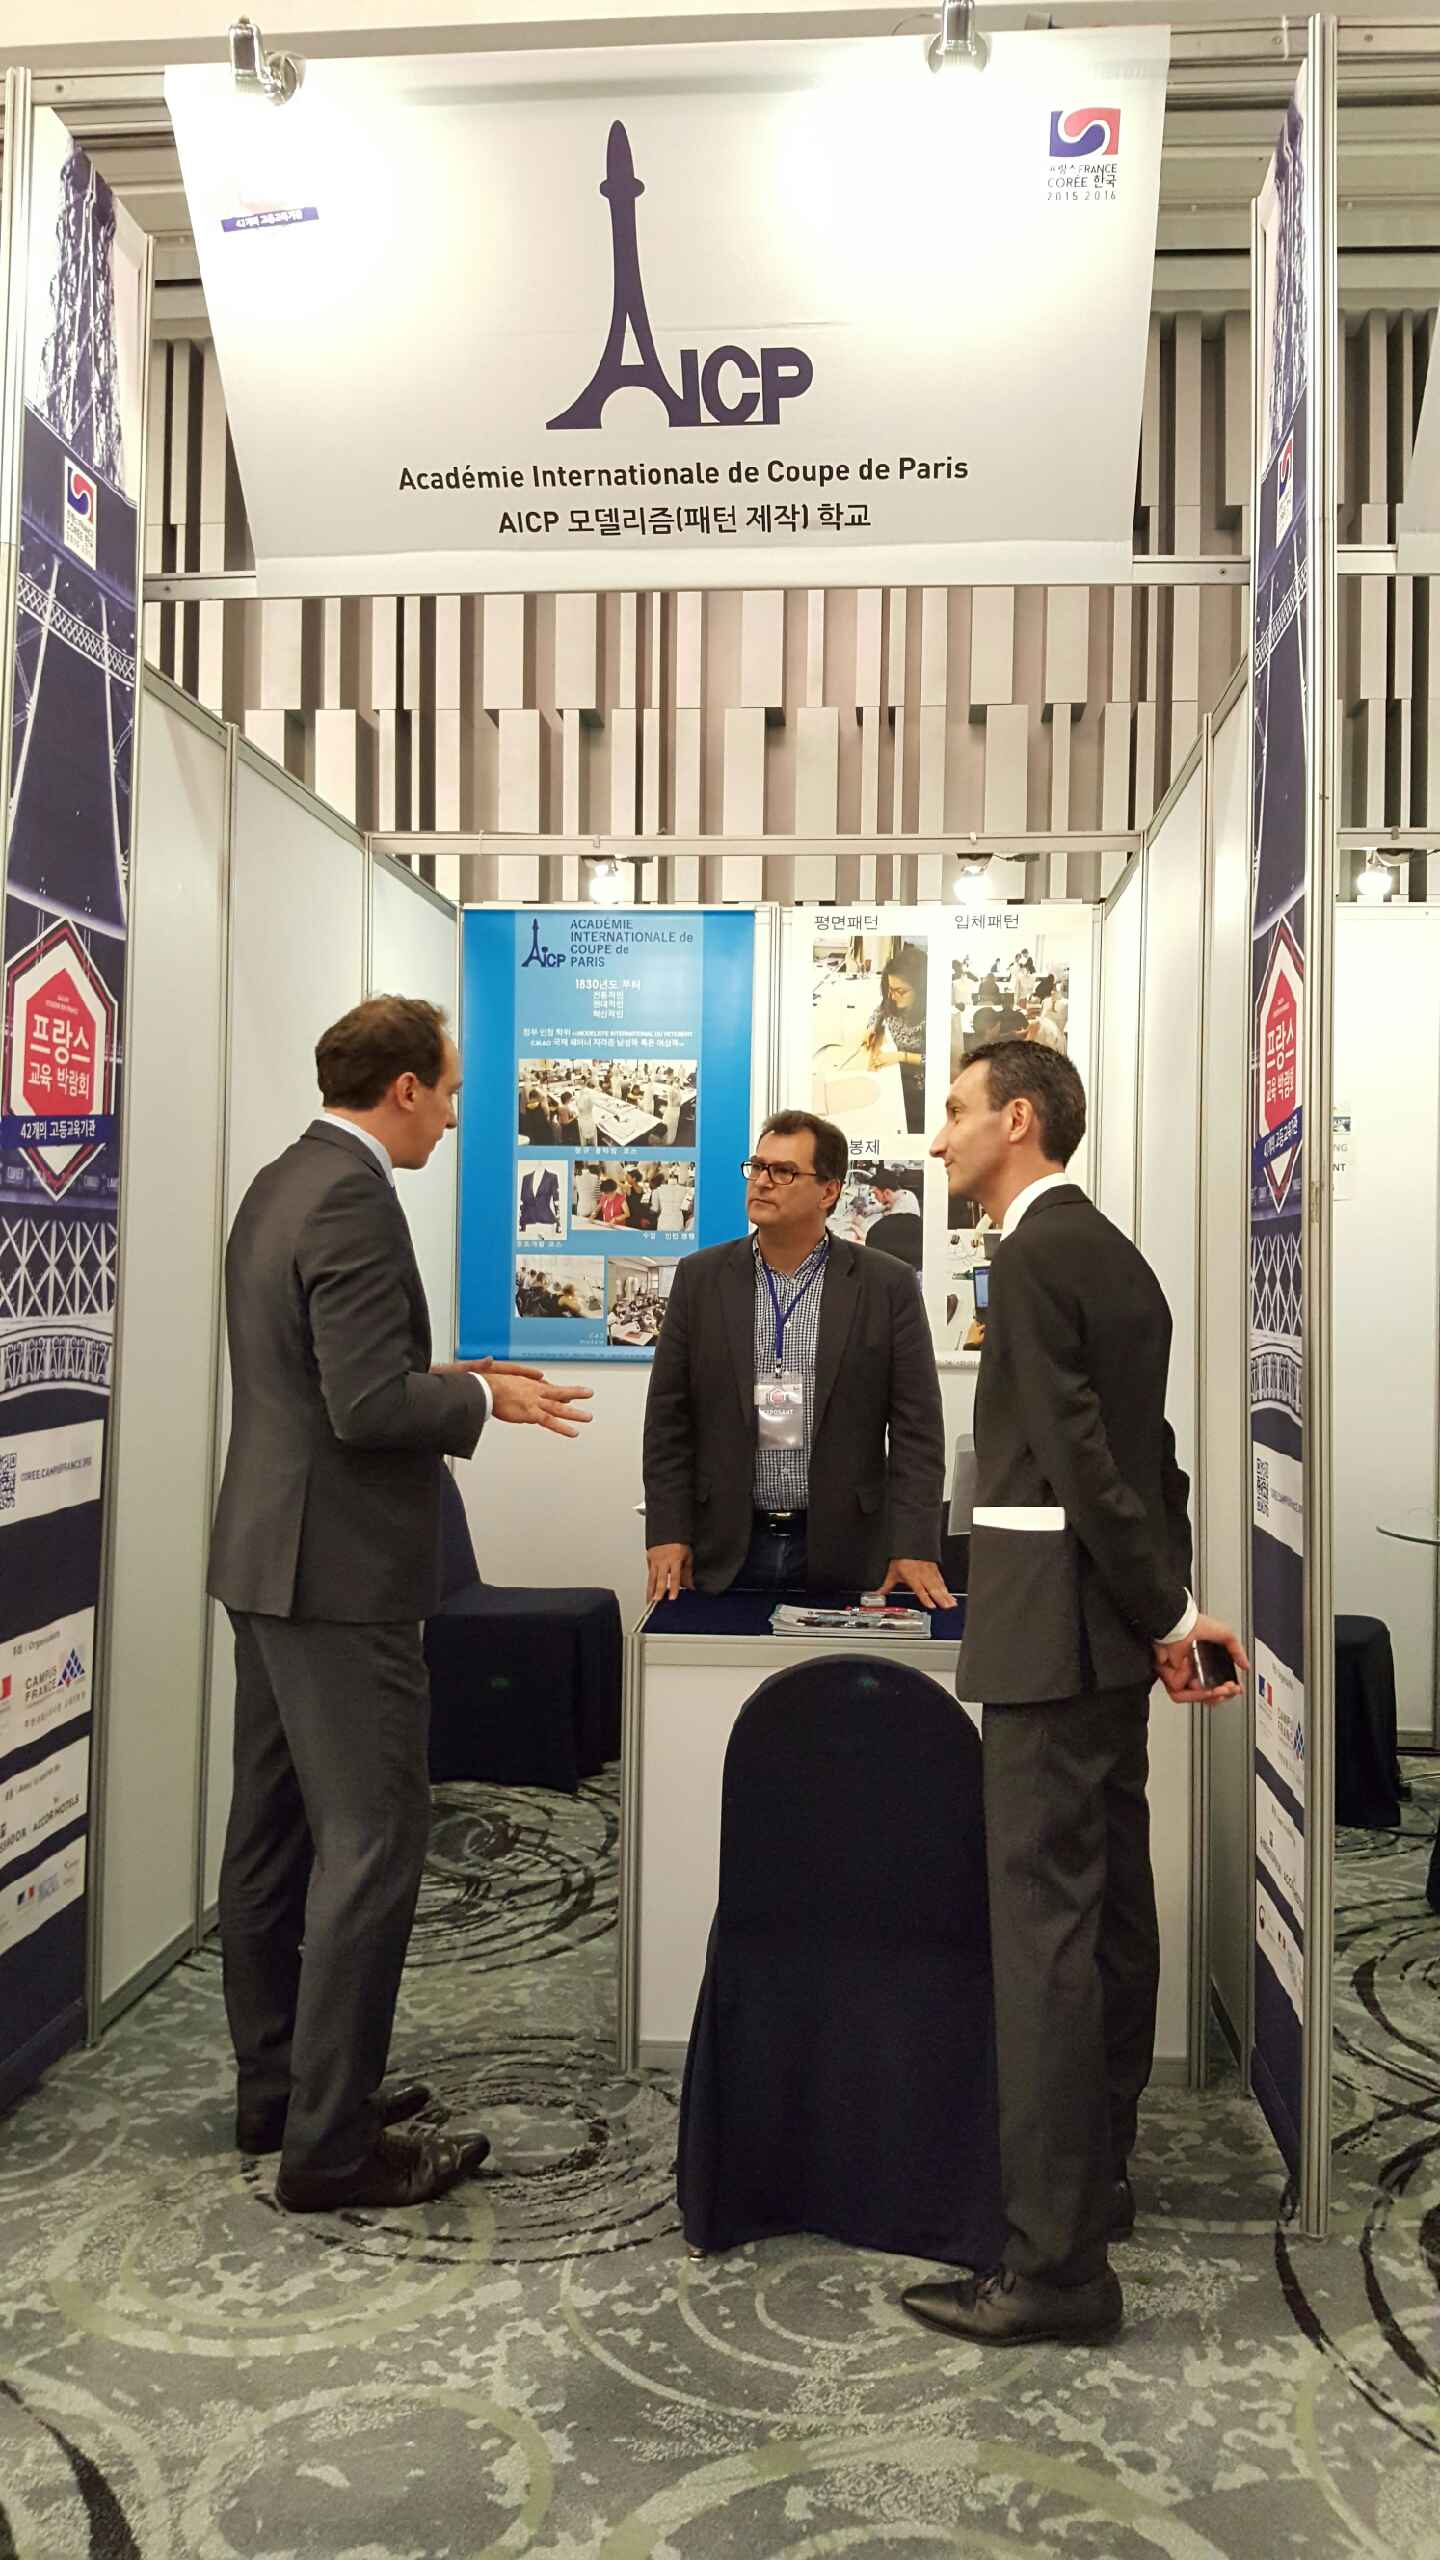 M. Penone (ambassadeur de France en Corée du Sud) et M. Levy (AICP) en grande discussion